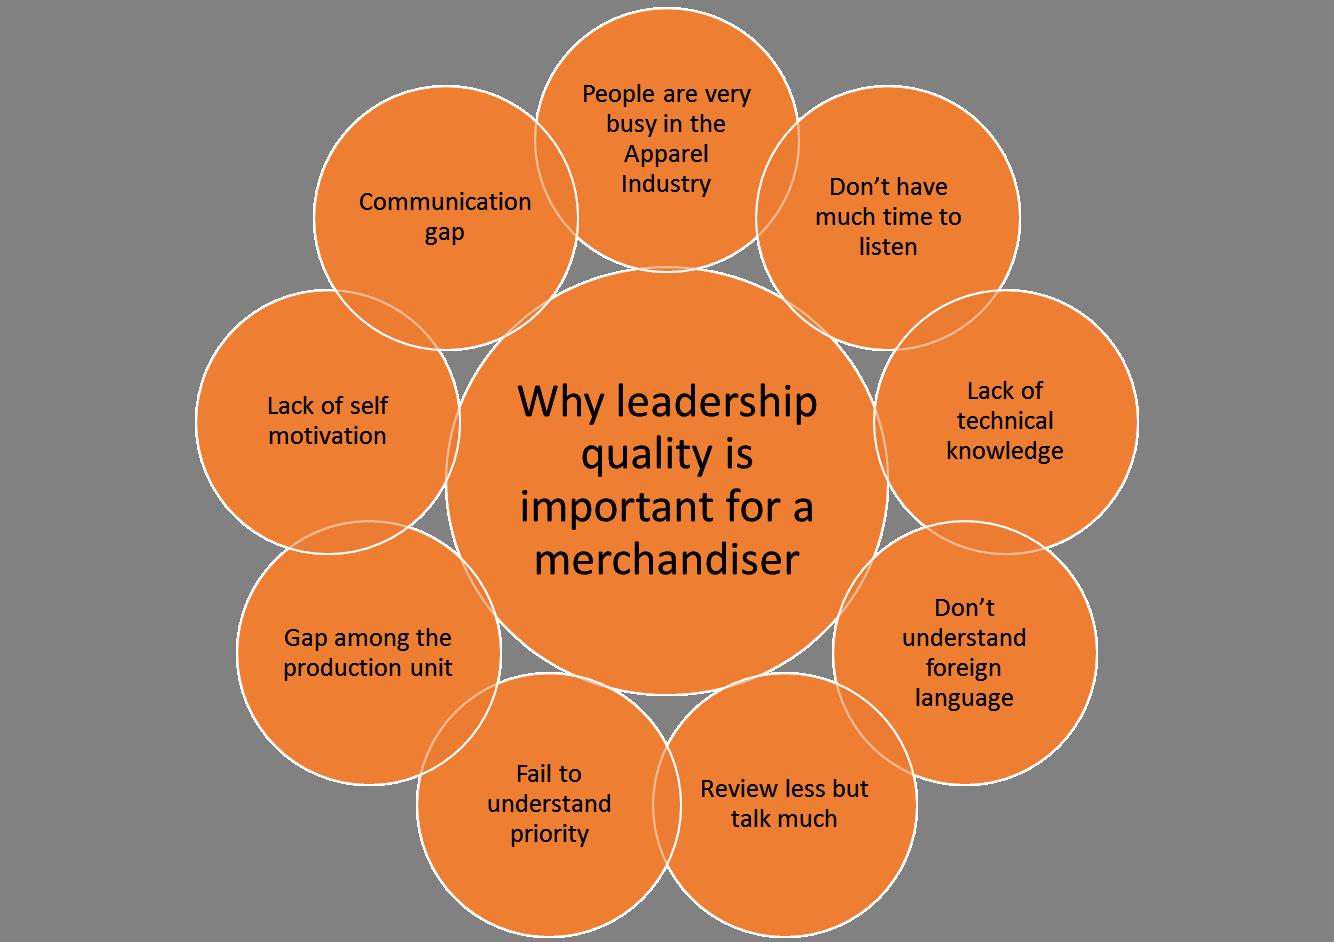 نقش رهبری در تجارت پوشاک - مدیریت صنایع نساجی, فروش پوشاک, صنعت پوشاک, بازار پوشاک